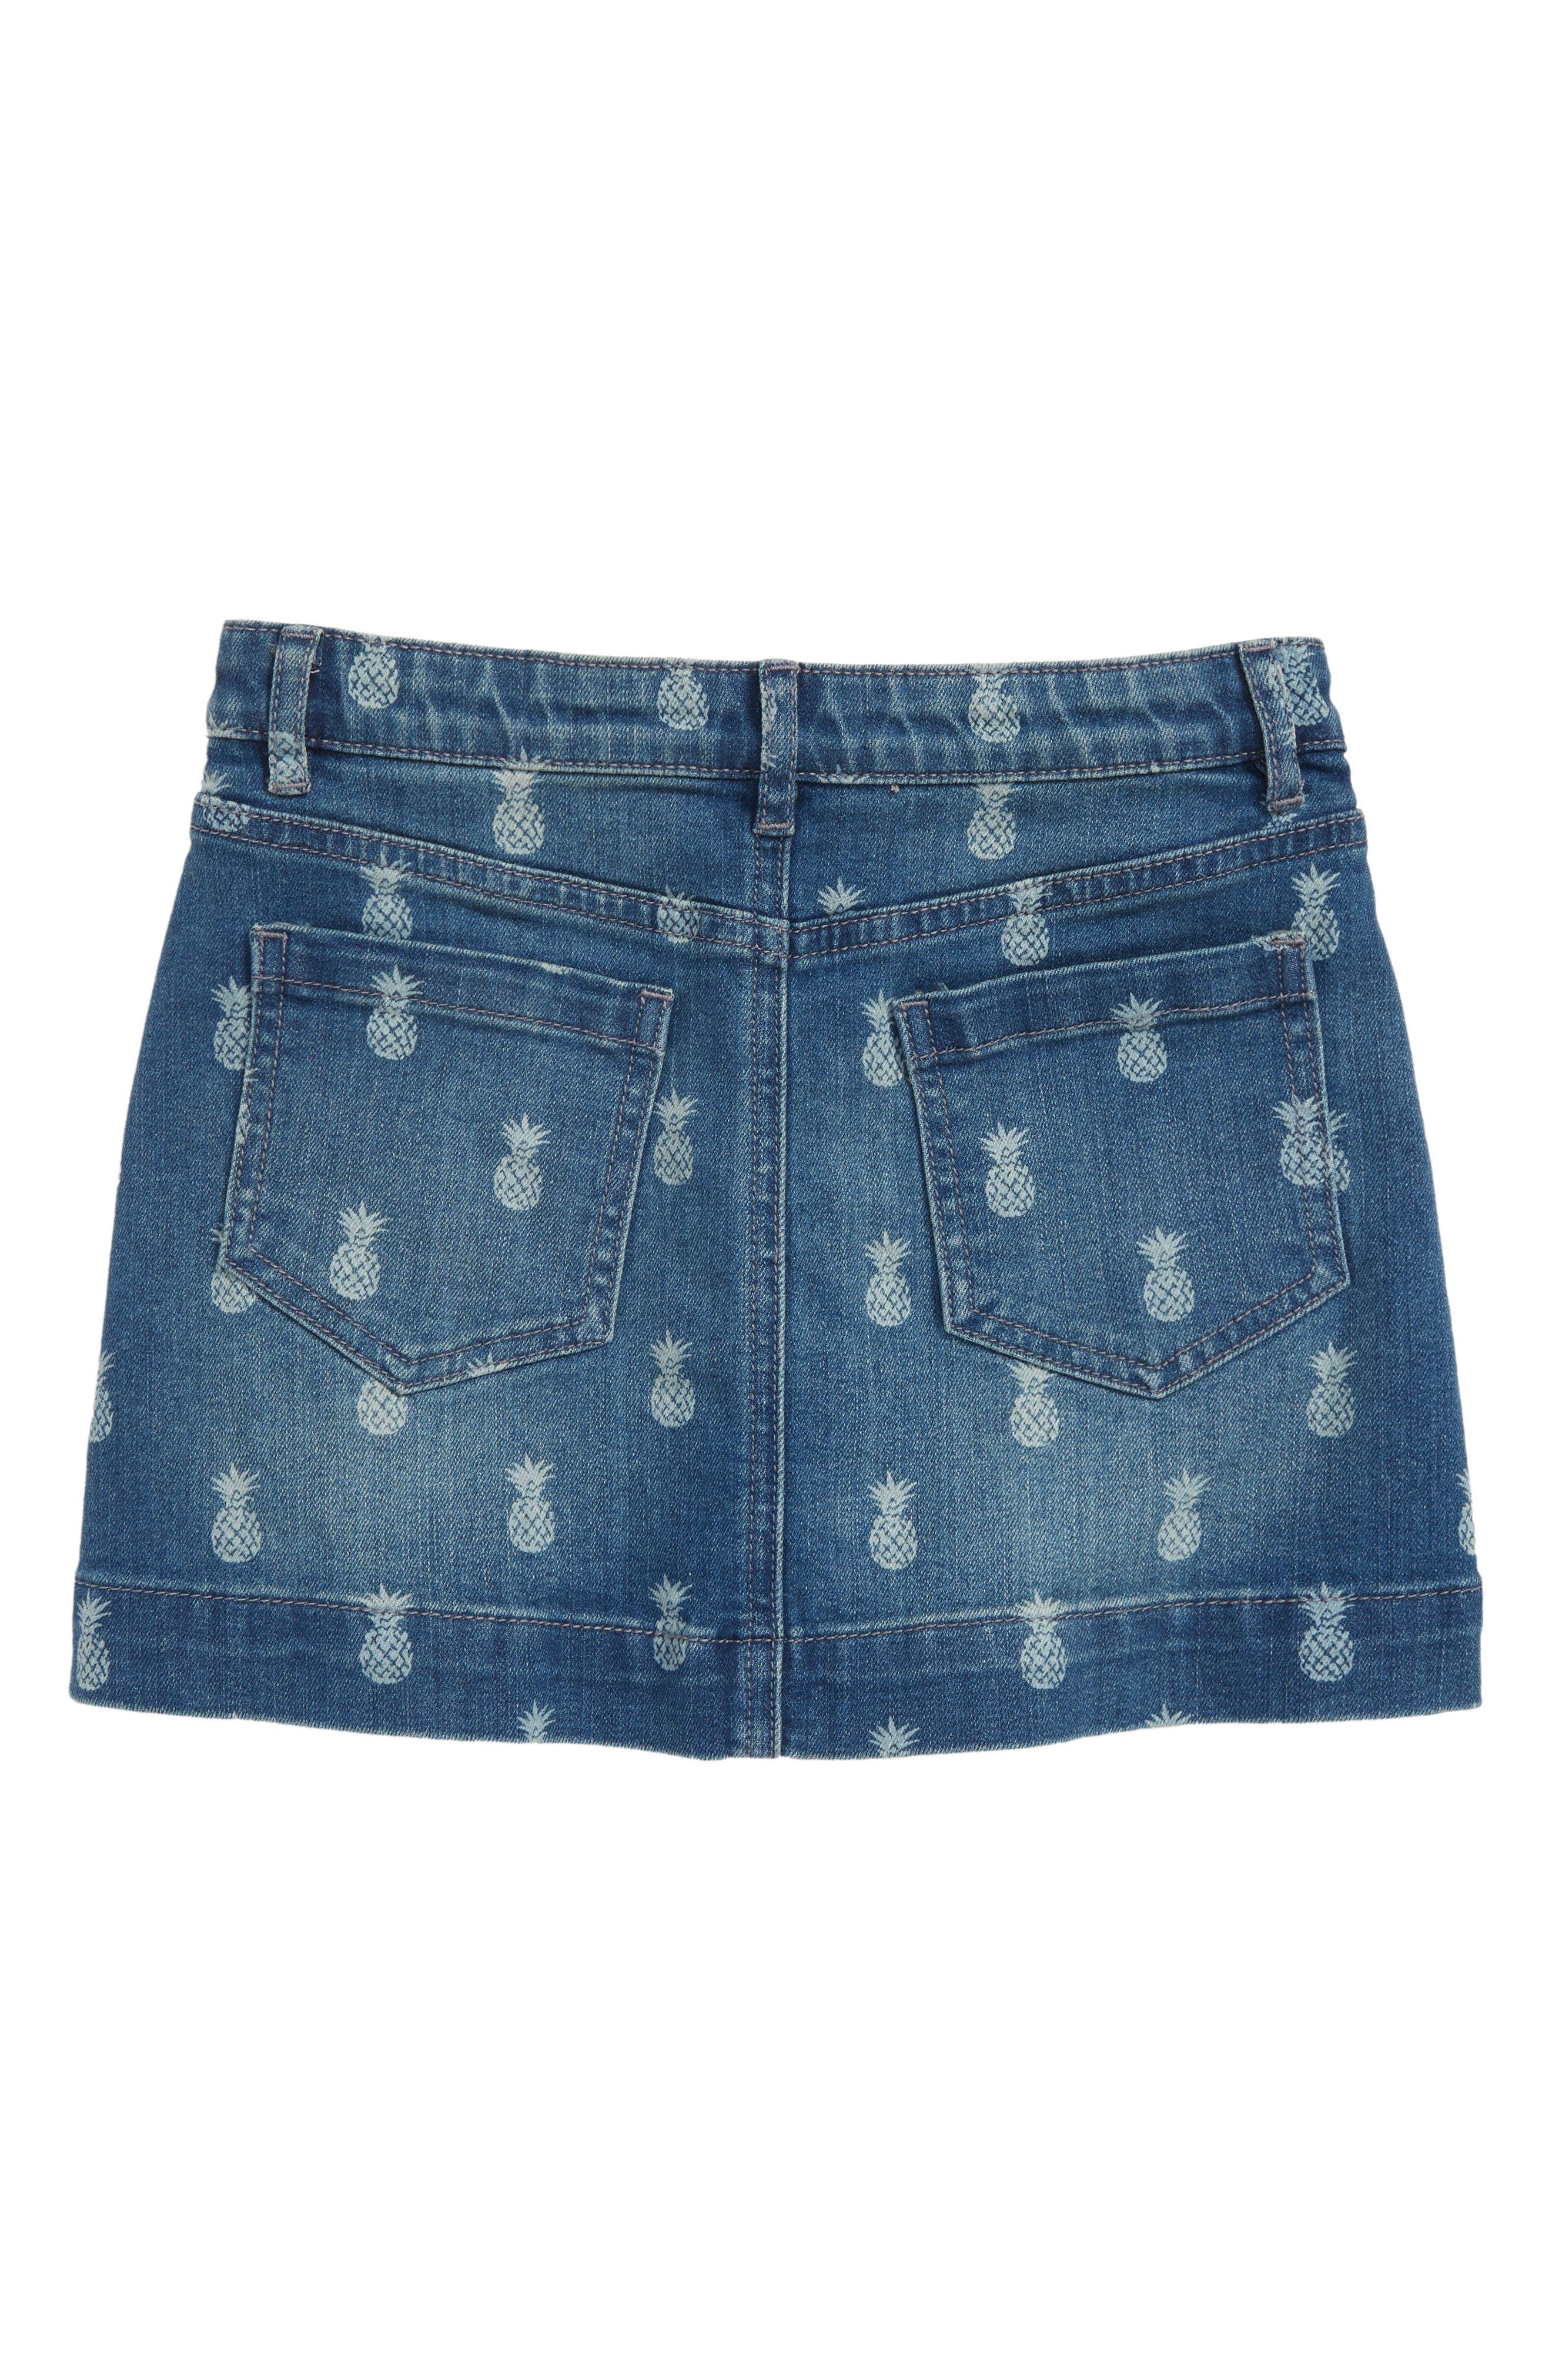 Pineapple Print Denim Skirt,                             Alternate thumbnail 2, color,                             Indigo Ivory